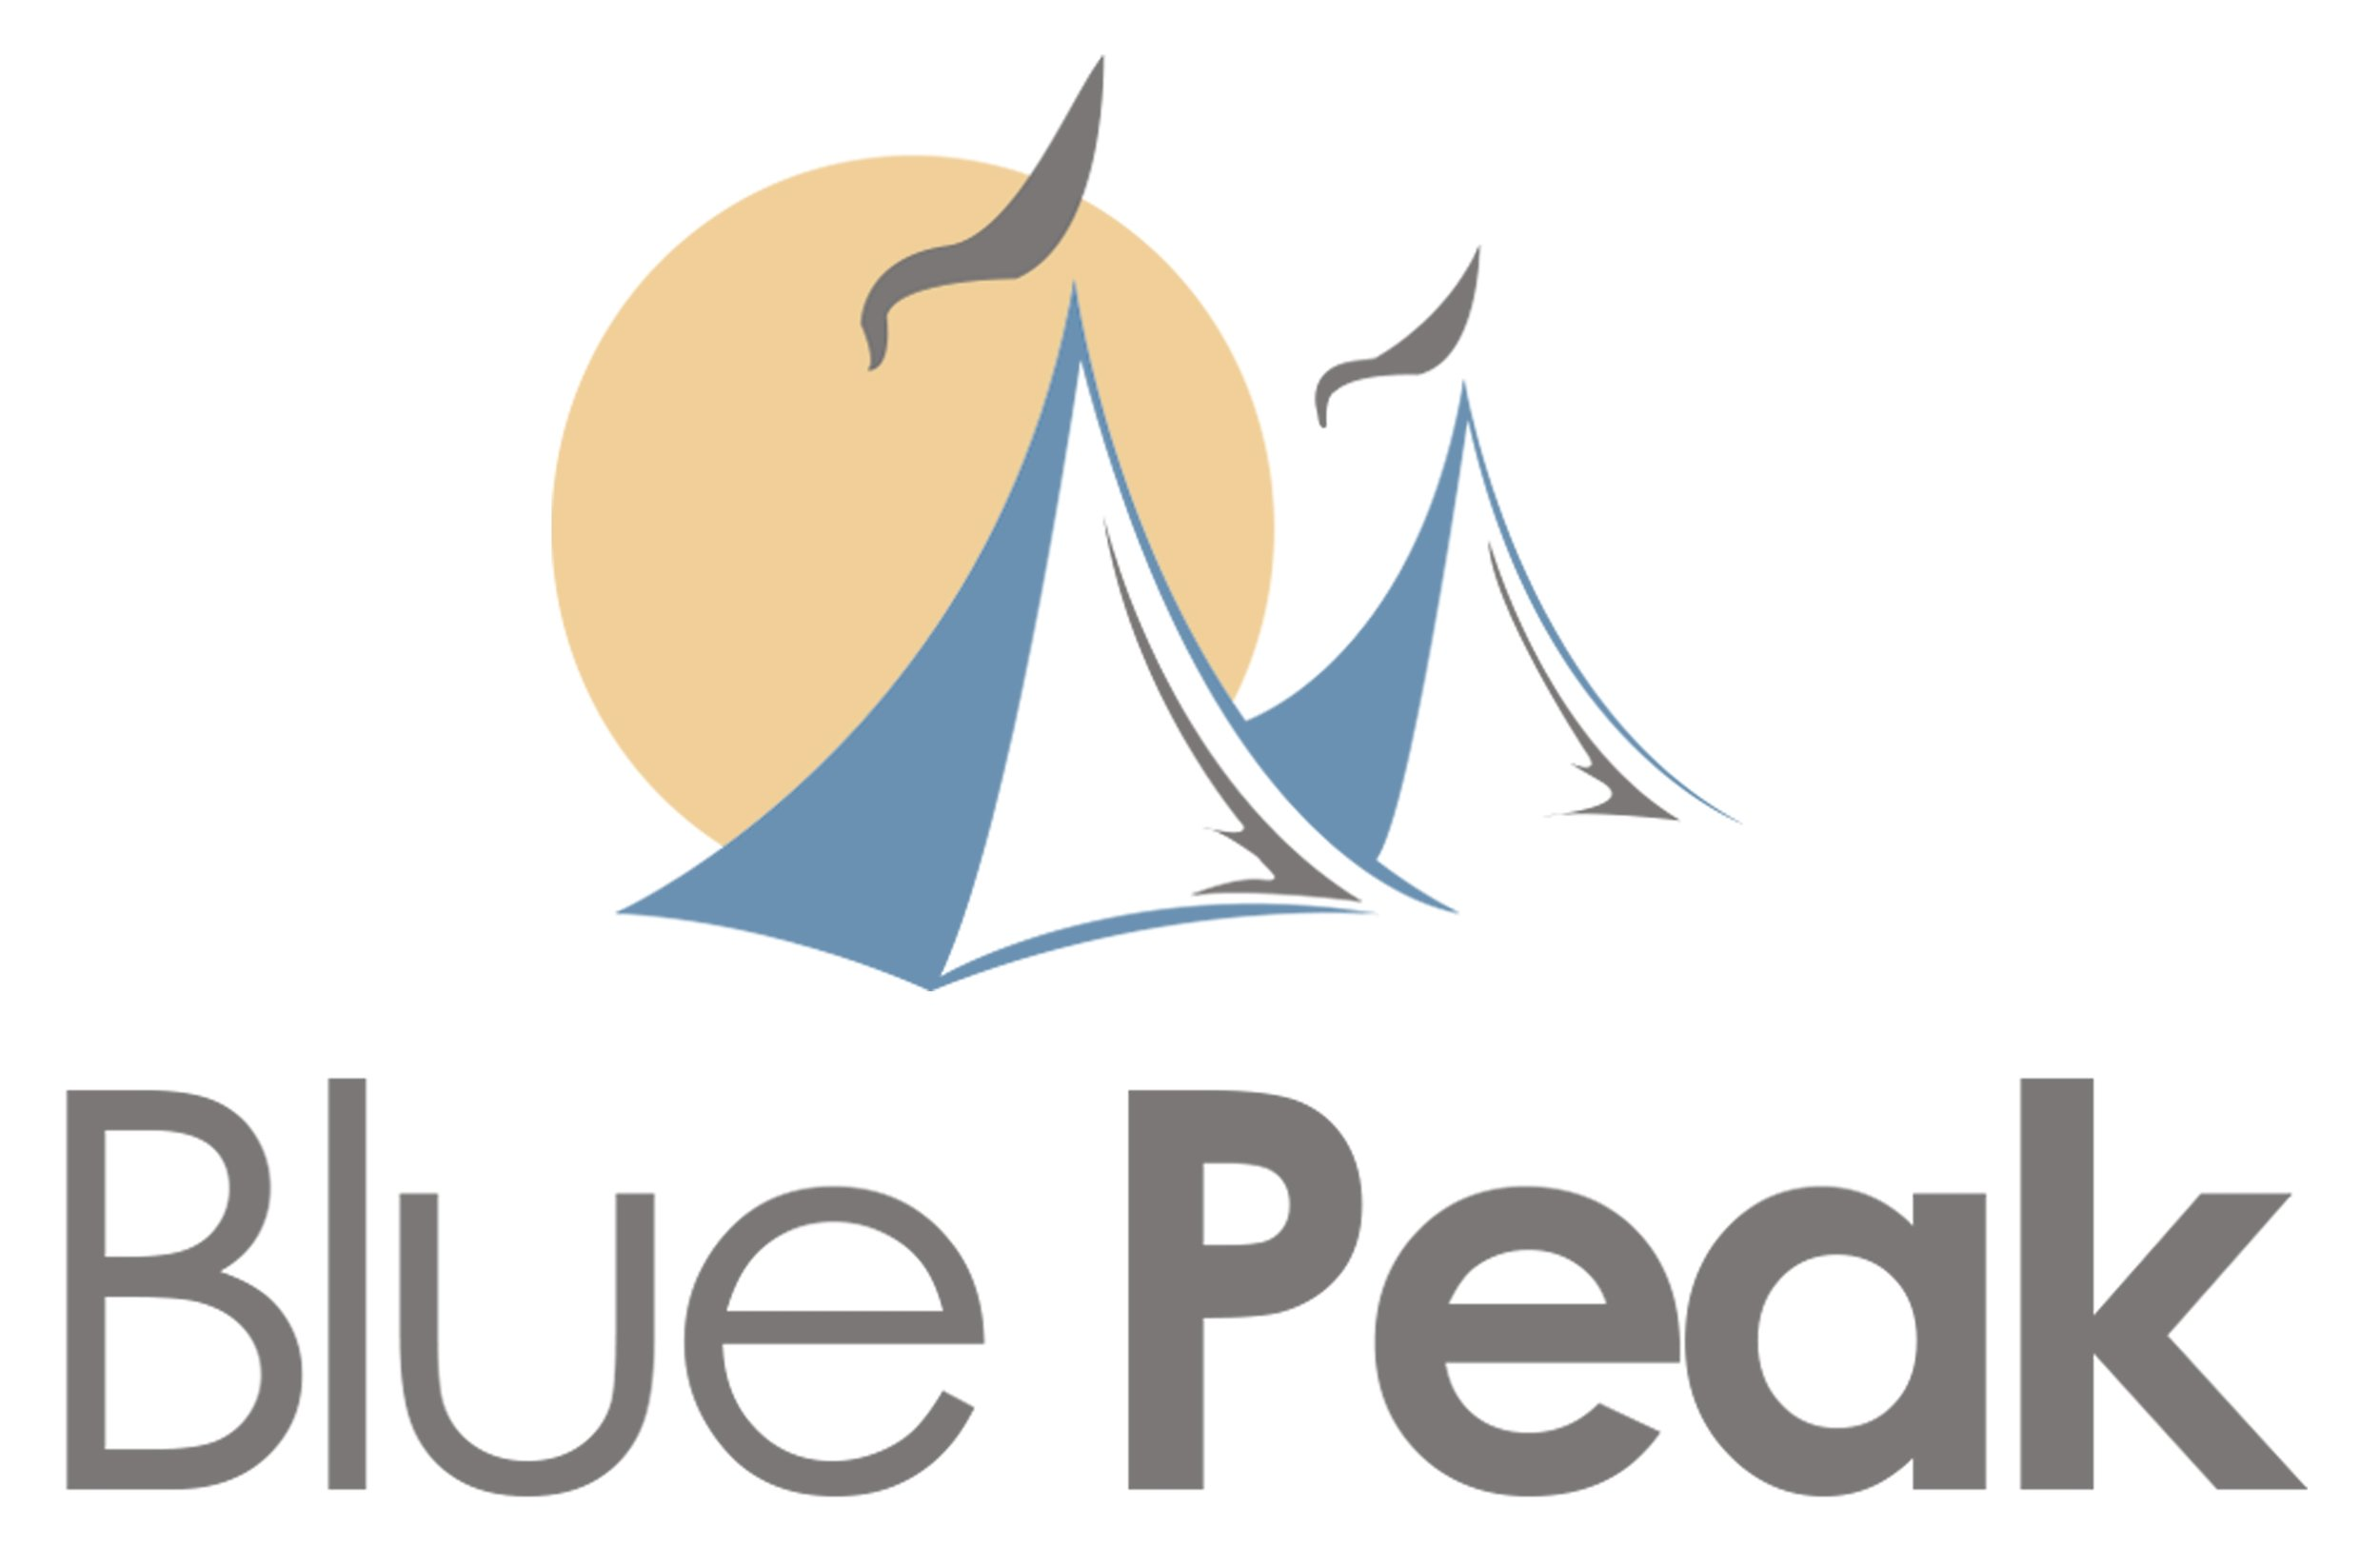 Blue Peak Tents Logo 2.jpg